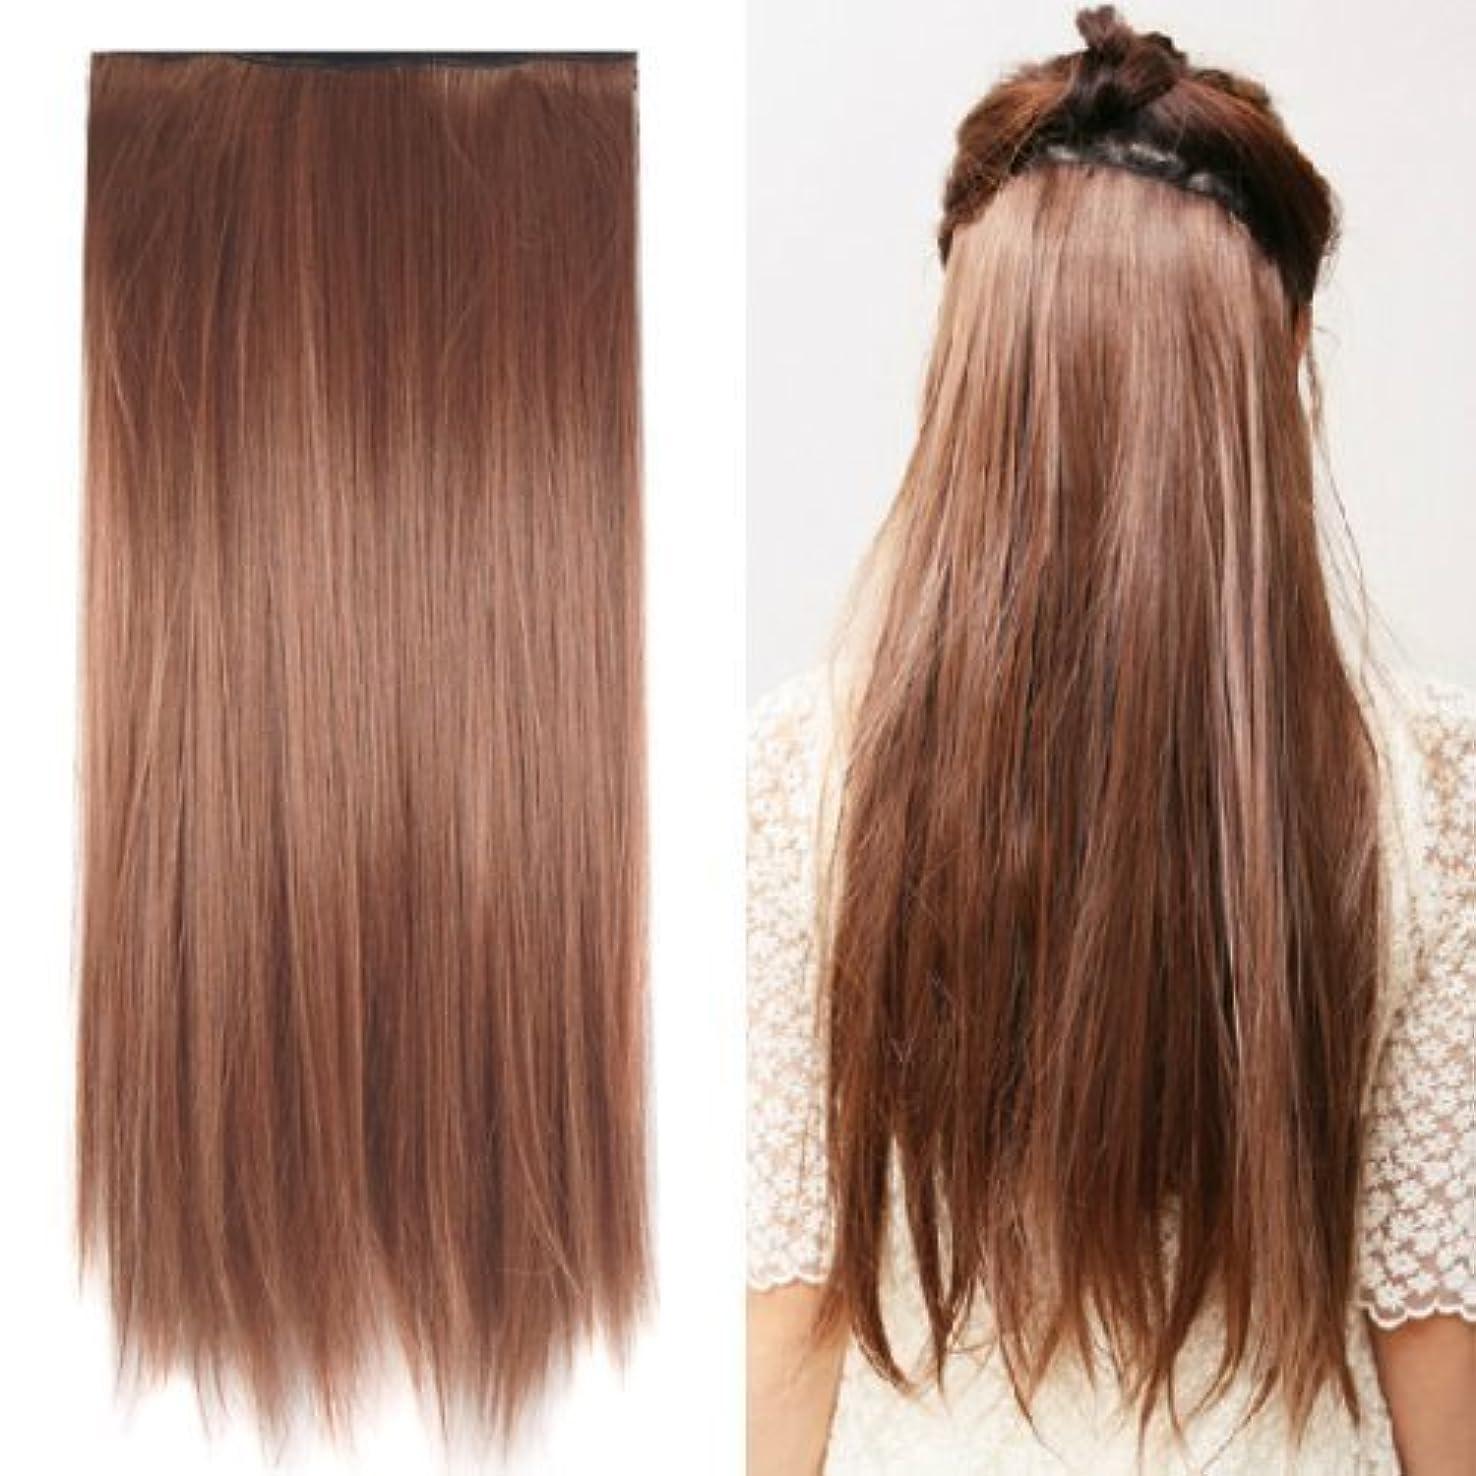 ポルノ連鎖マークされたSODIAL(R) Clip in on hair Straight Tail extensions New human heat resistant fibe - Blonde